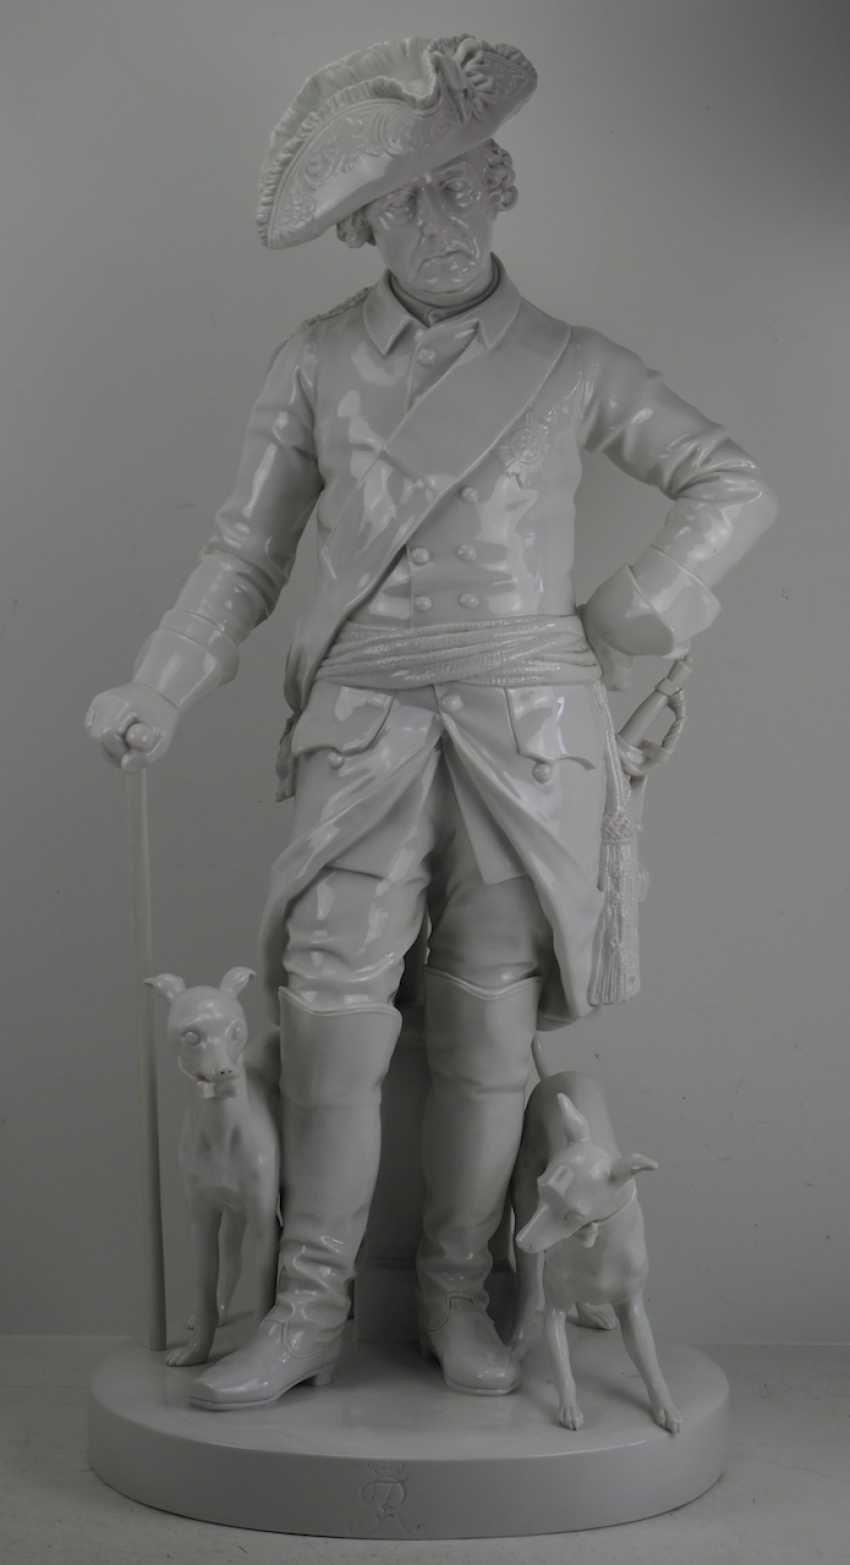 Шадов, Volkstedt: Фридрих Великий - Монументальной фарфоровой статуэткой. - фото 1